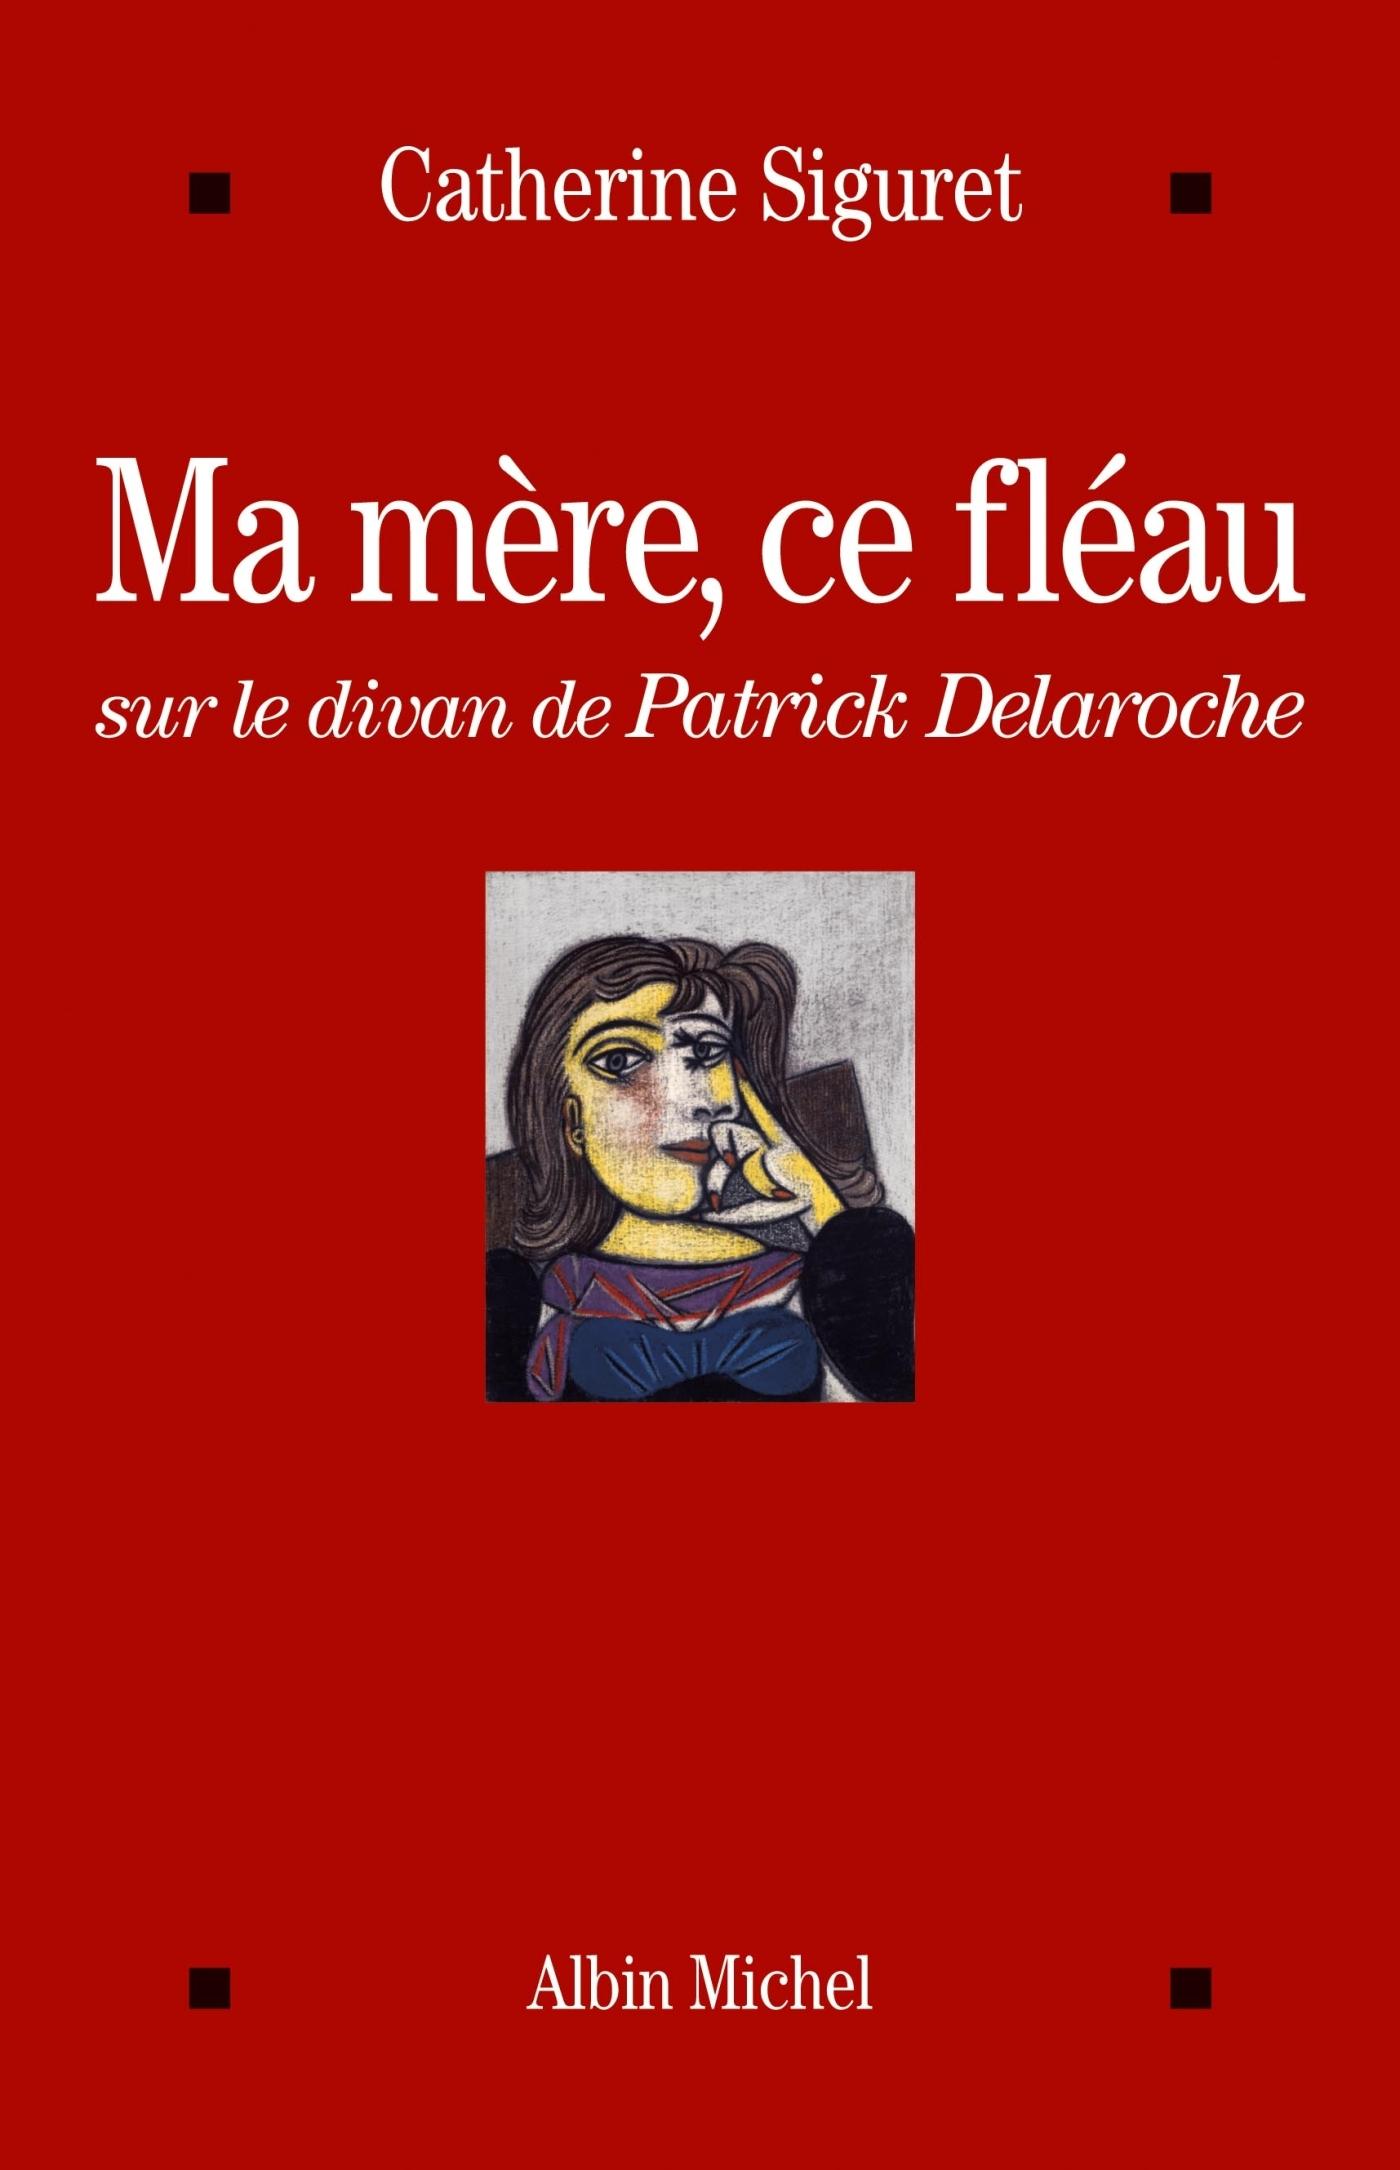 MA MERE, CE FLEAU - SUR LE DIVAN DE PATRICK DELAROCHE